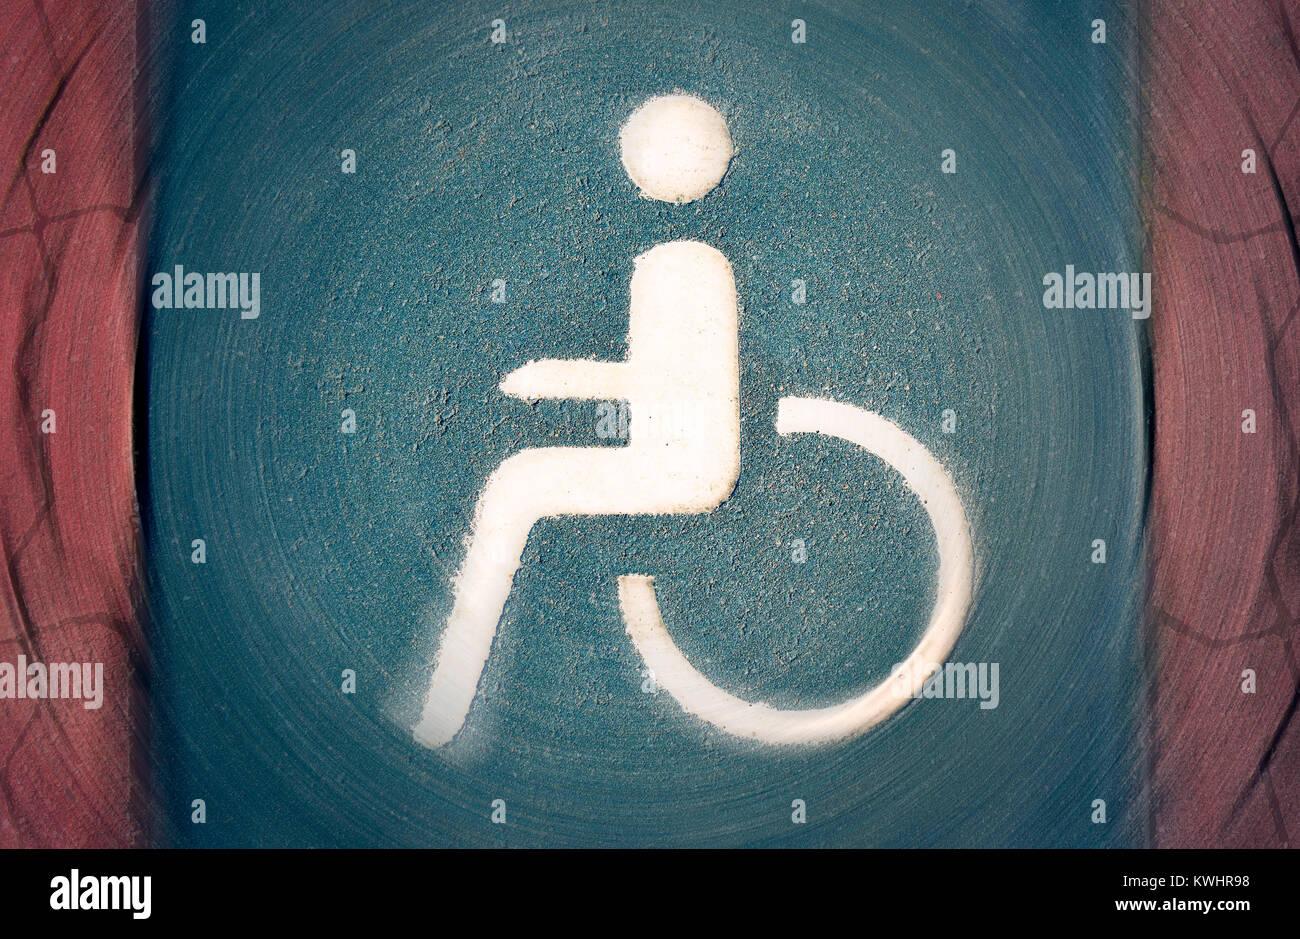 Parking space for the disabled, impediment, Behindertenparkplatz, Behinderung Stock Photo